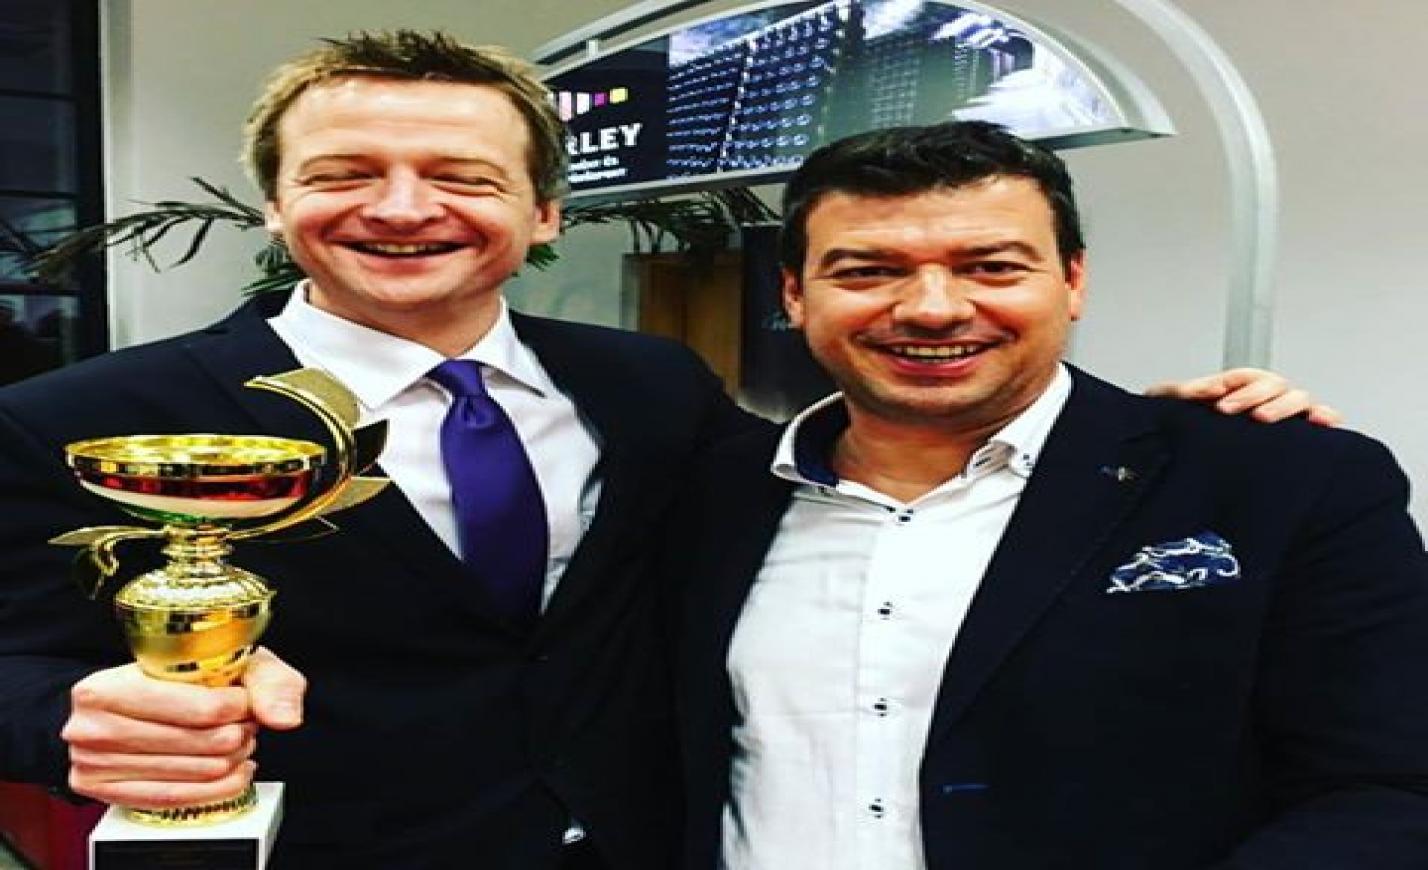 Tüü Péter 2017 sommelier bajnoka